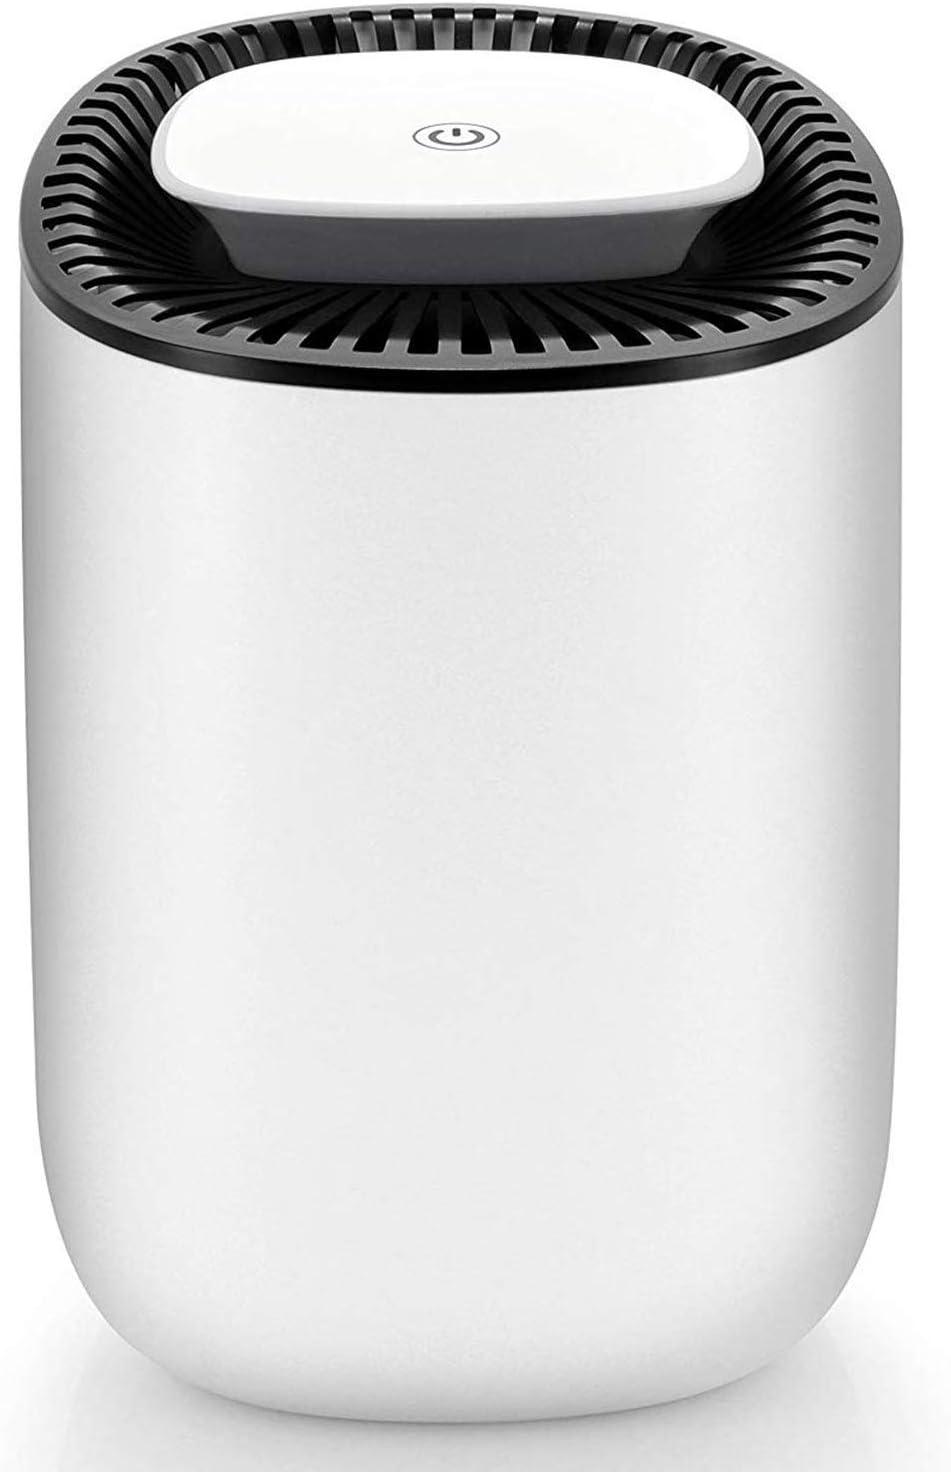 Hysure Quiet and Portable Dehumidifier Electric, Deshumidificador, Home Dehumidifier for Bathroom, Crawl Space, Bedroom, RV, Baby Room(600ml) …